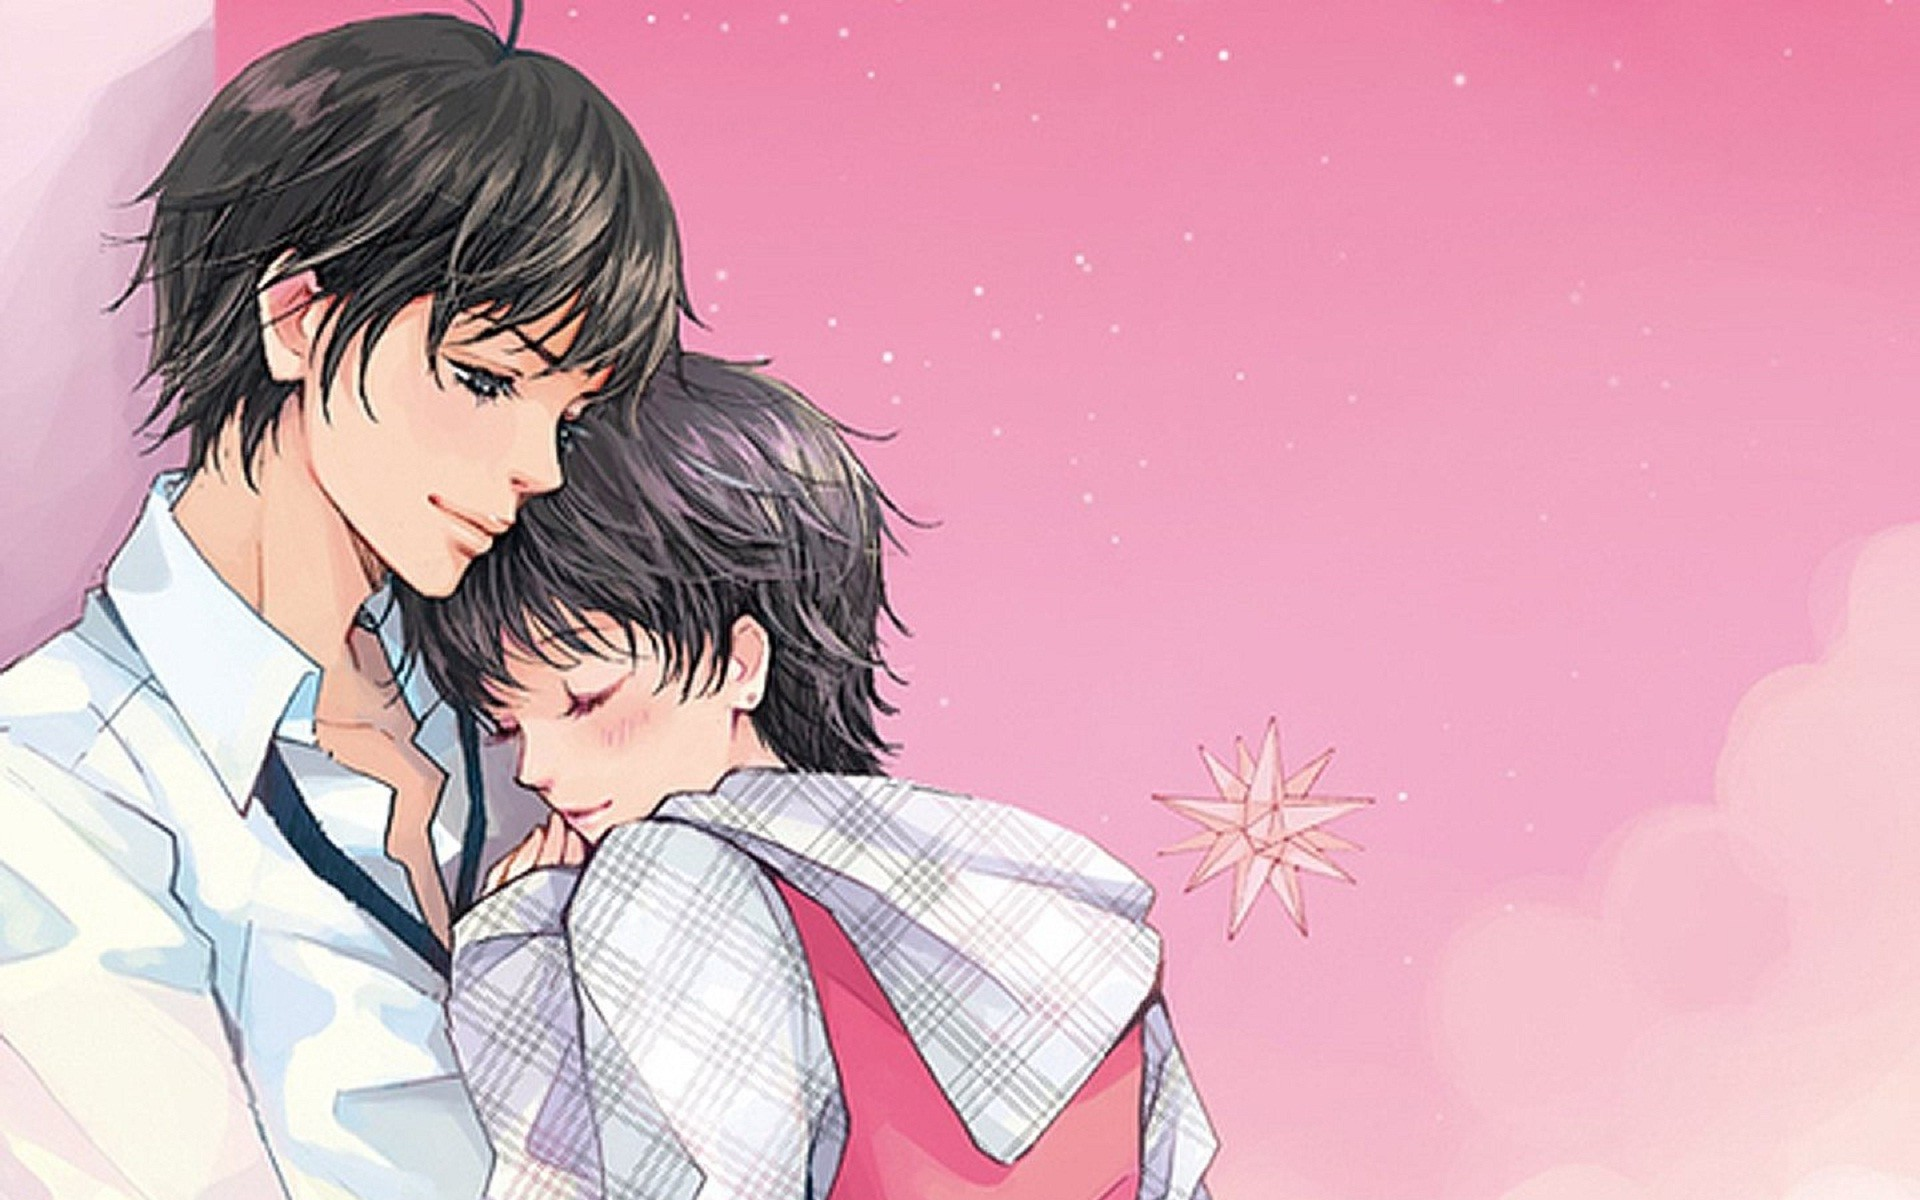 Mobile9 Wallpaper Lovely Girl Hugs And Kisses Wallpaper 60 Images